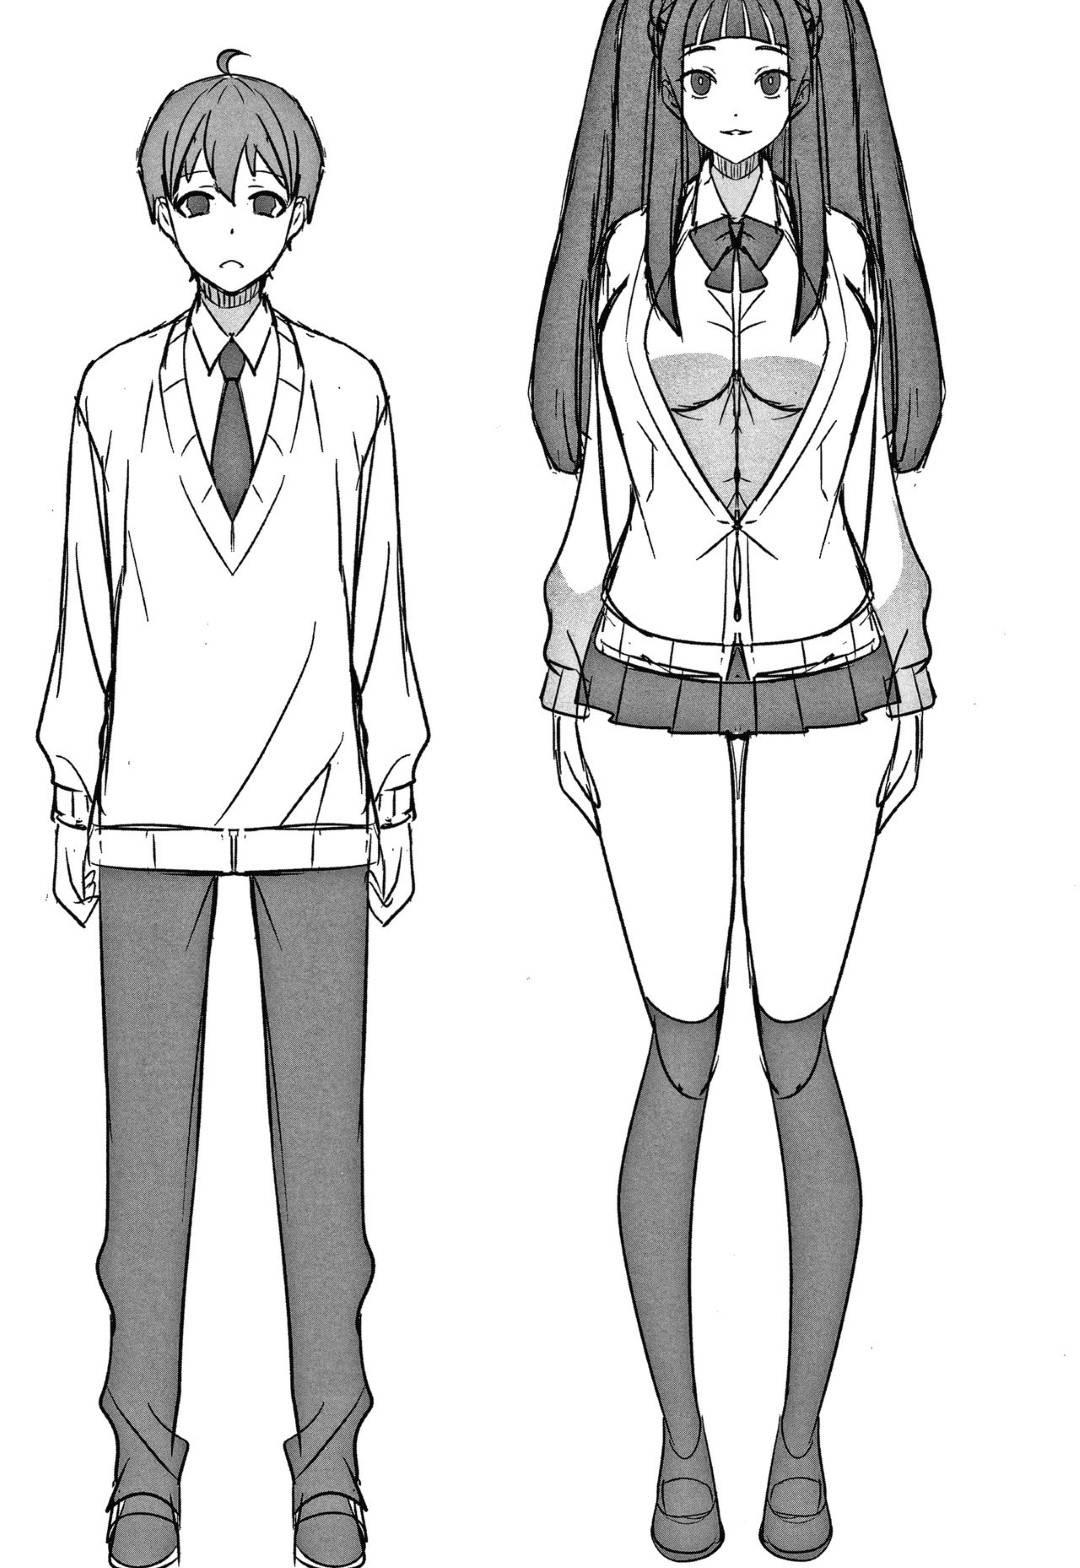 【エロ漫画】低身長彼氏を学校内で誘惑する巨乳高身長JK彼女…彼氏の顔を巨乳で挟みながら誘惑する!【景山玄都】